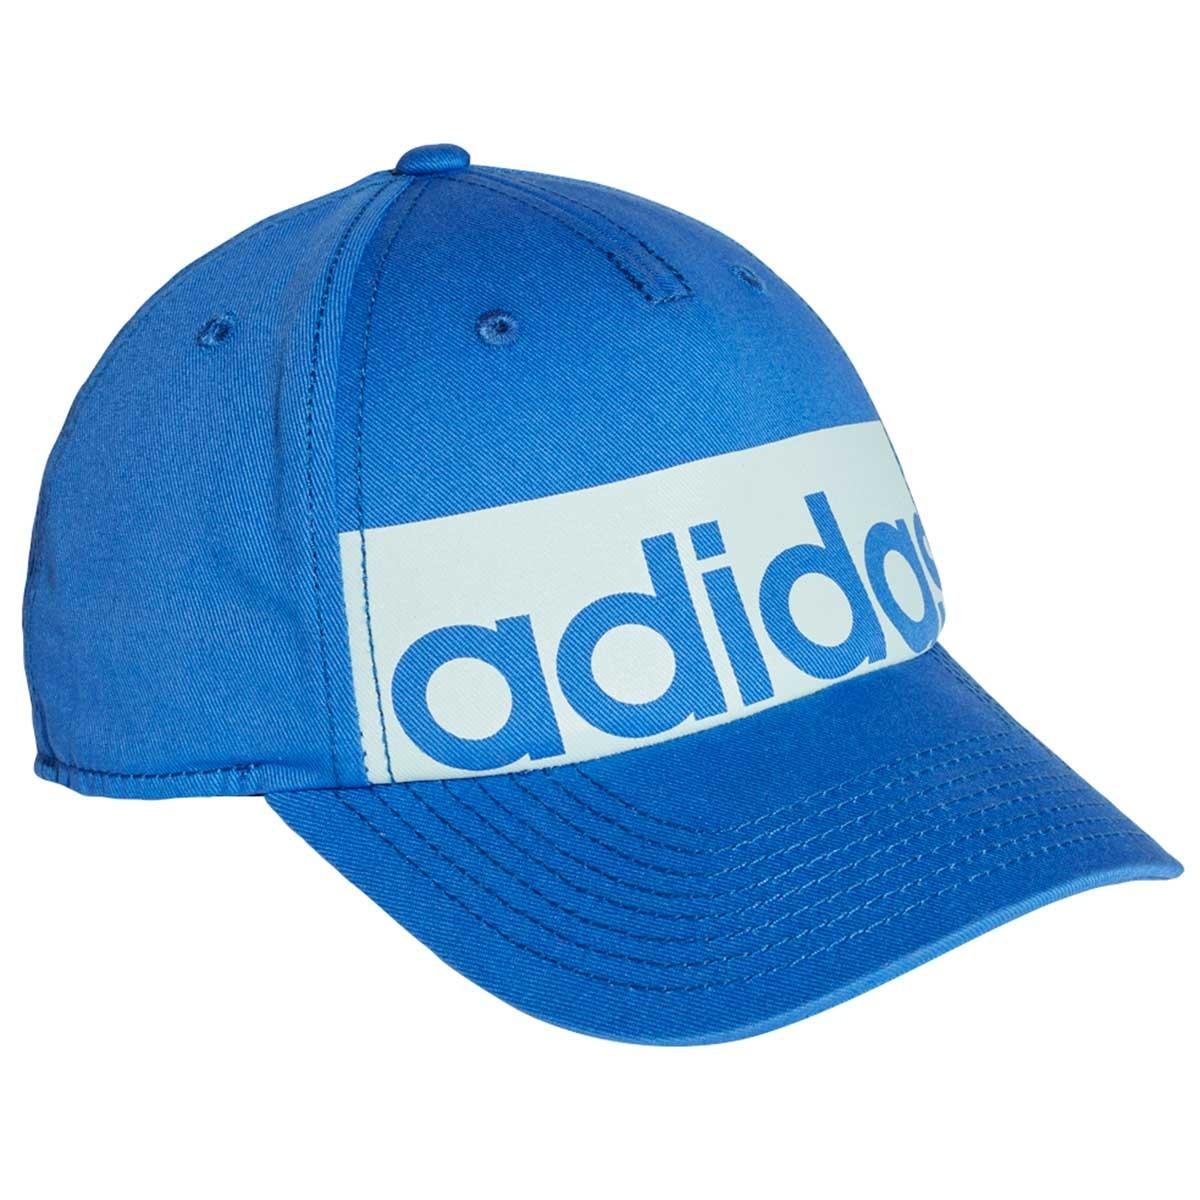 8f5f03cce8c9 Gorra adidas Azul Original Cf6905